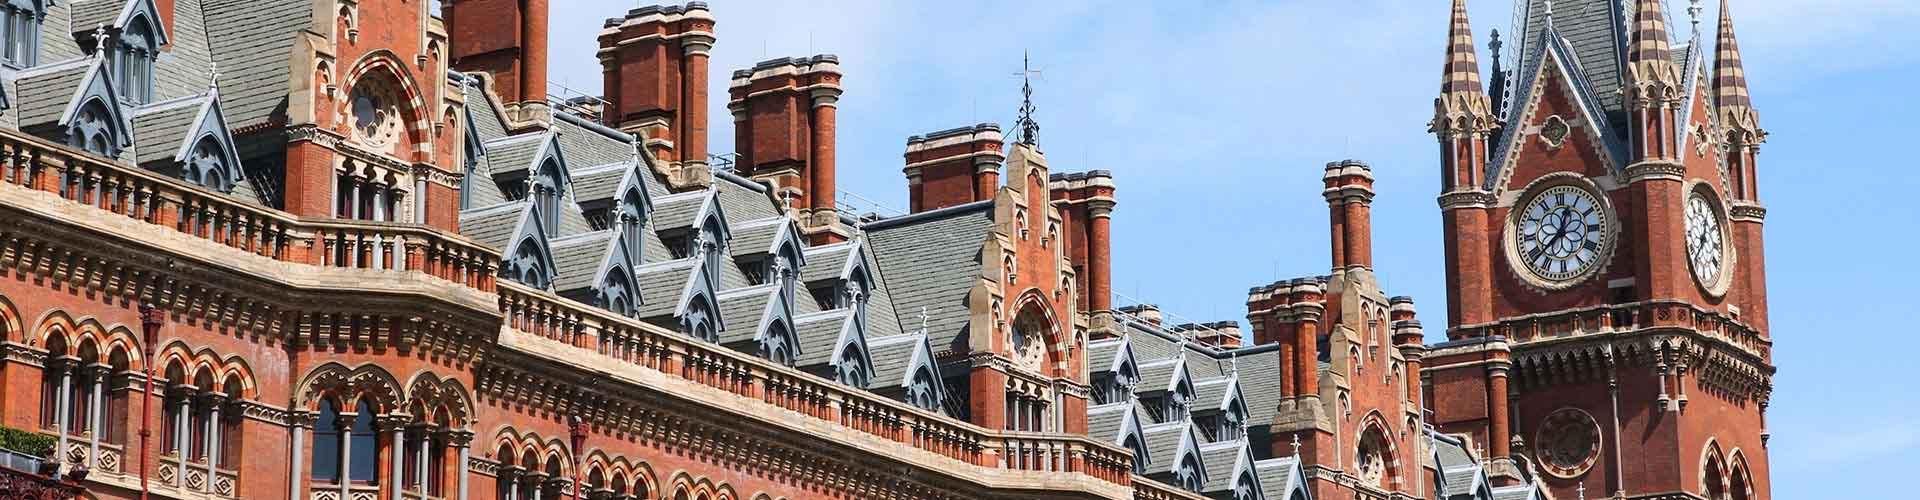 伦敦 – Borough of Camden区的公寓。伦敦地图,伦敦每间公寓的照片和评价。